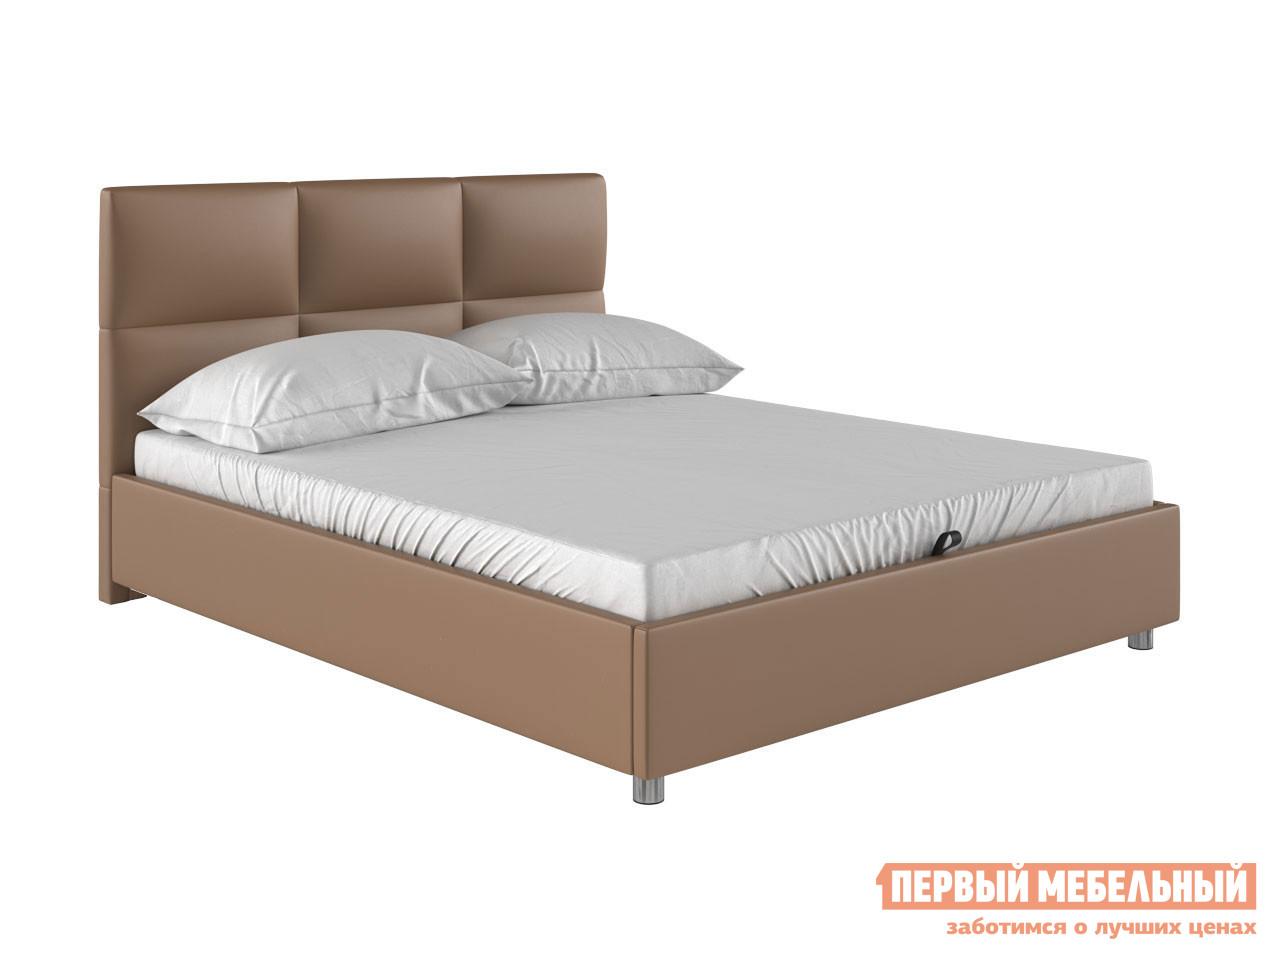 Двуспальная кровать  Кровать с мягким изголовьем Агата Латте, экокожа, 160х200 см — Кровать с мягким изголовьем Агата Латте, экокожа, 160х200 см